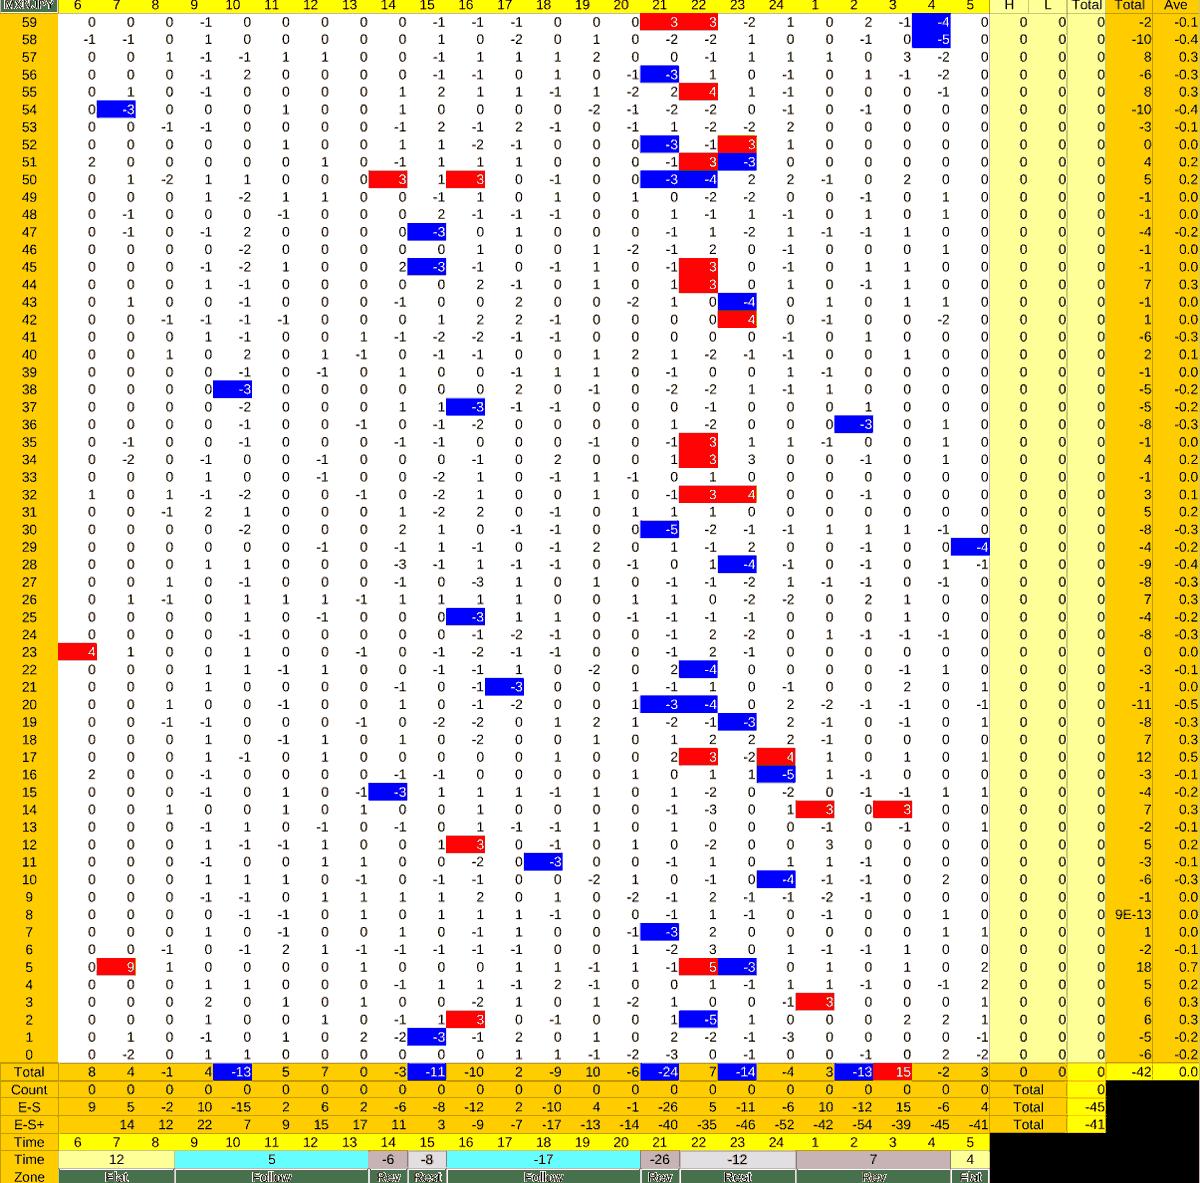 20210820_HS(3)MXNJPY-min